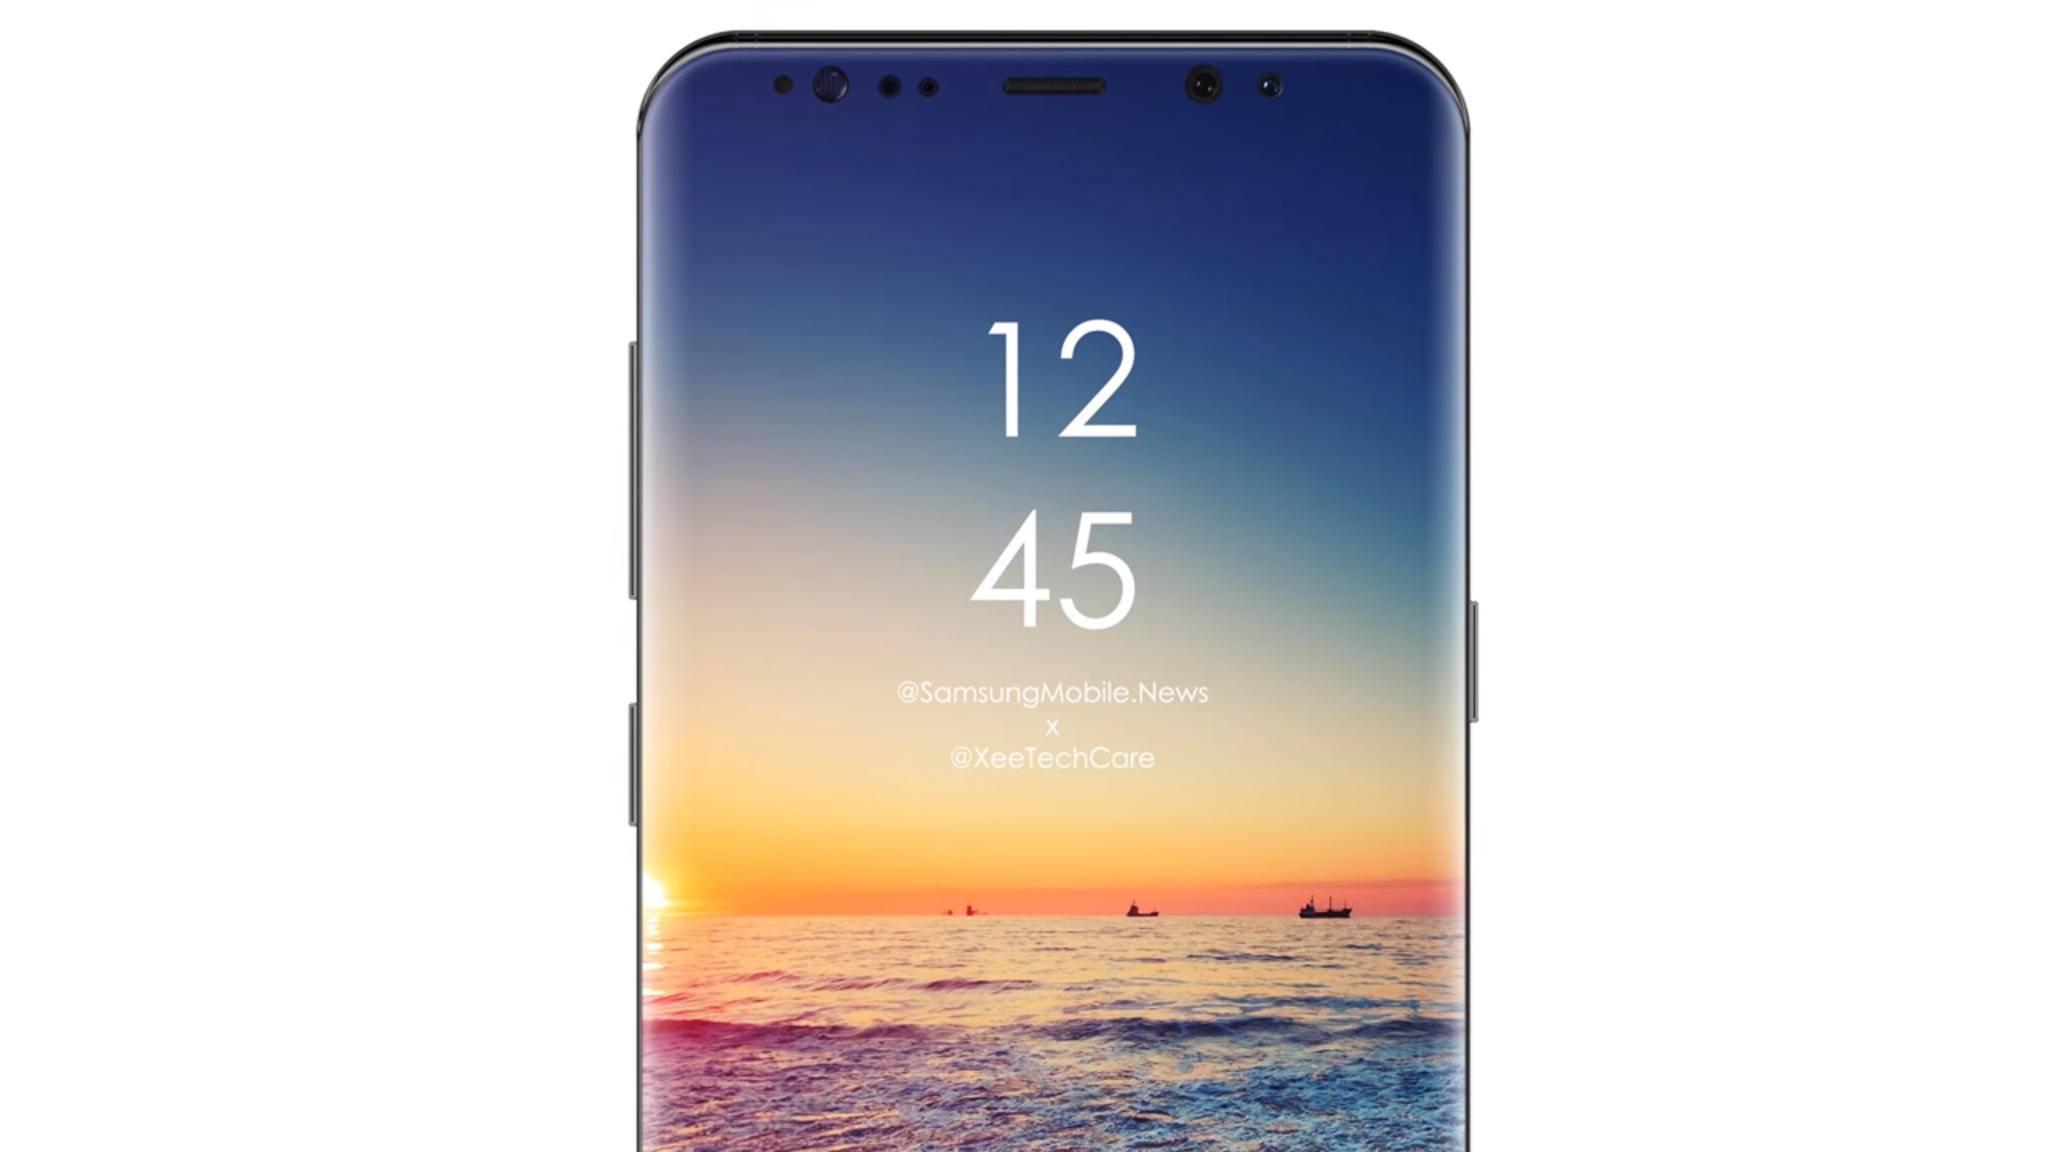 Weniger Rand, mehr Display: So oder so ähnlich könnte das Samsung Galaxy S10 aussehen.